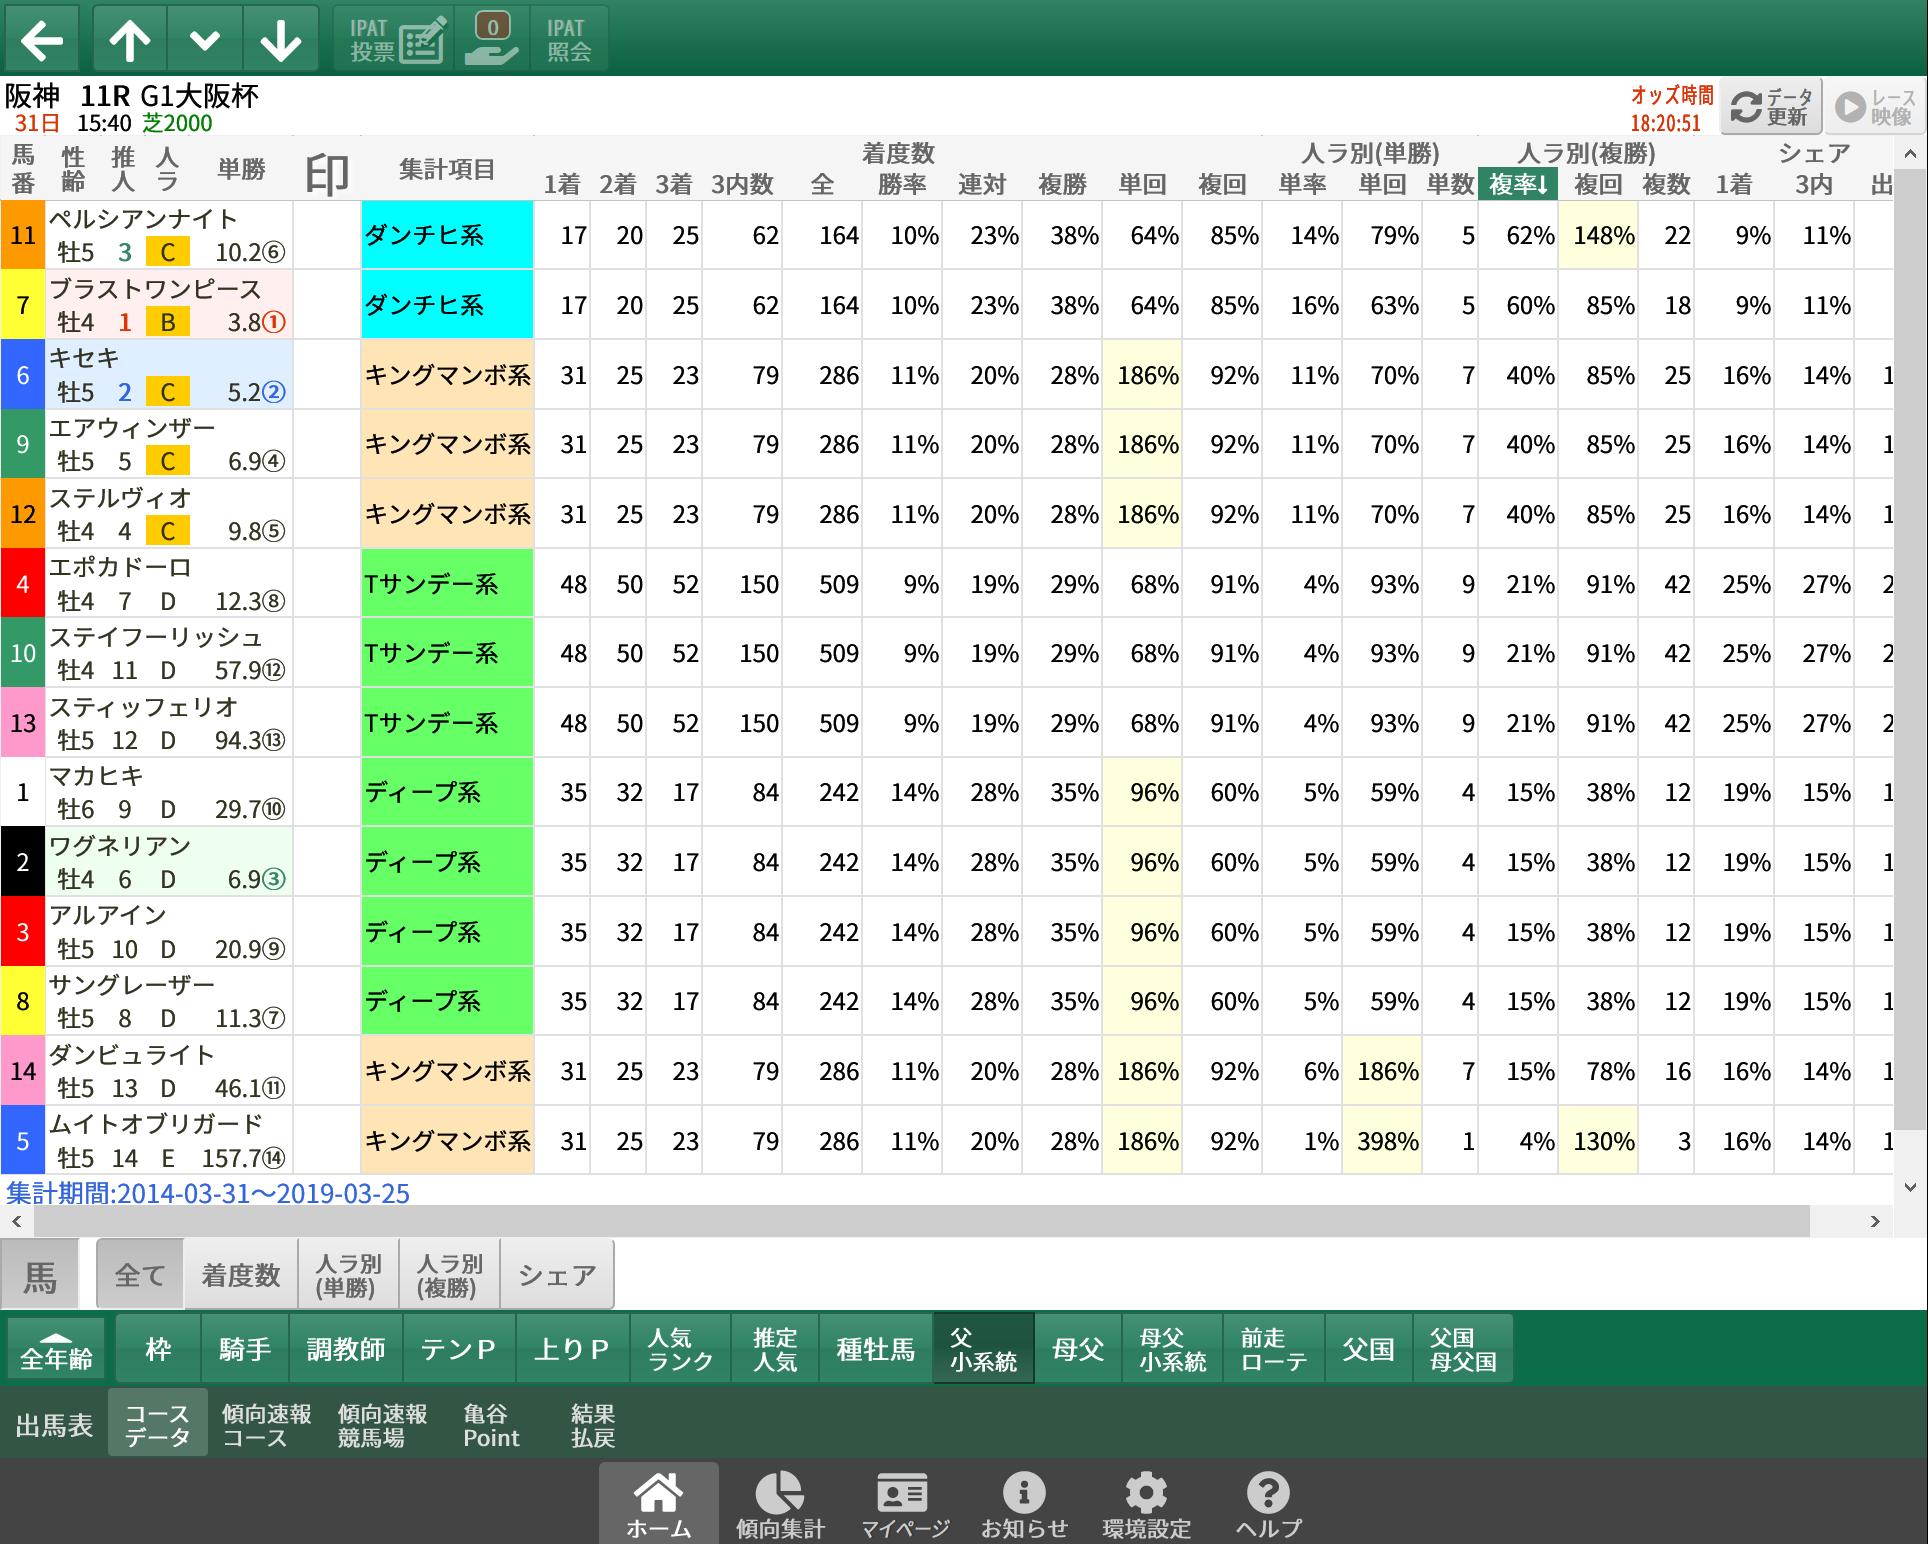 【無料公開】 大阪杯 / 亀谷サロン限定公開中のスマート出馬表・次期バージョン